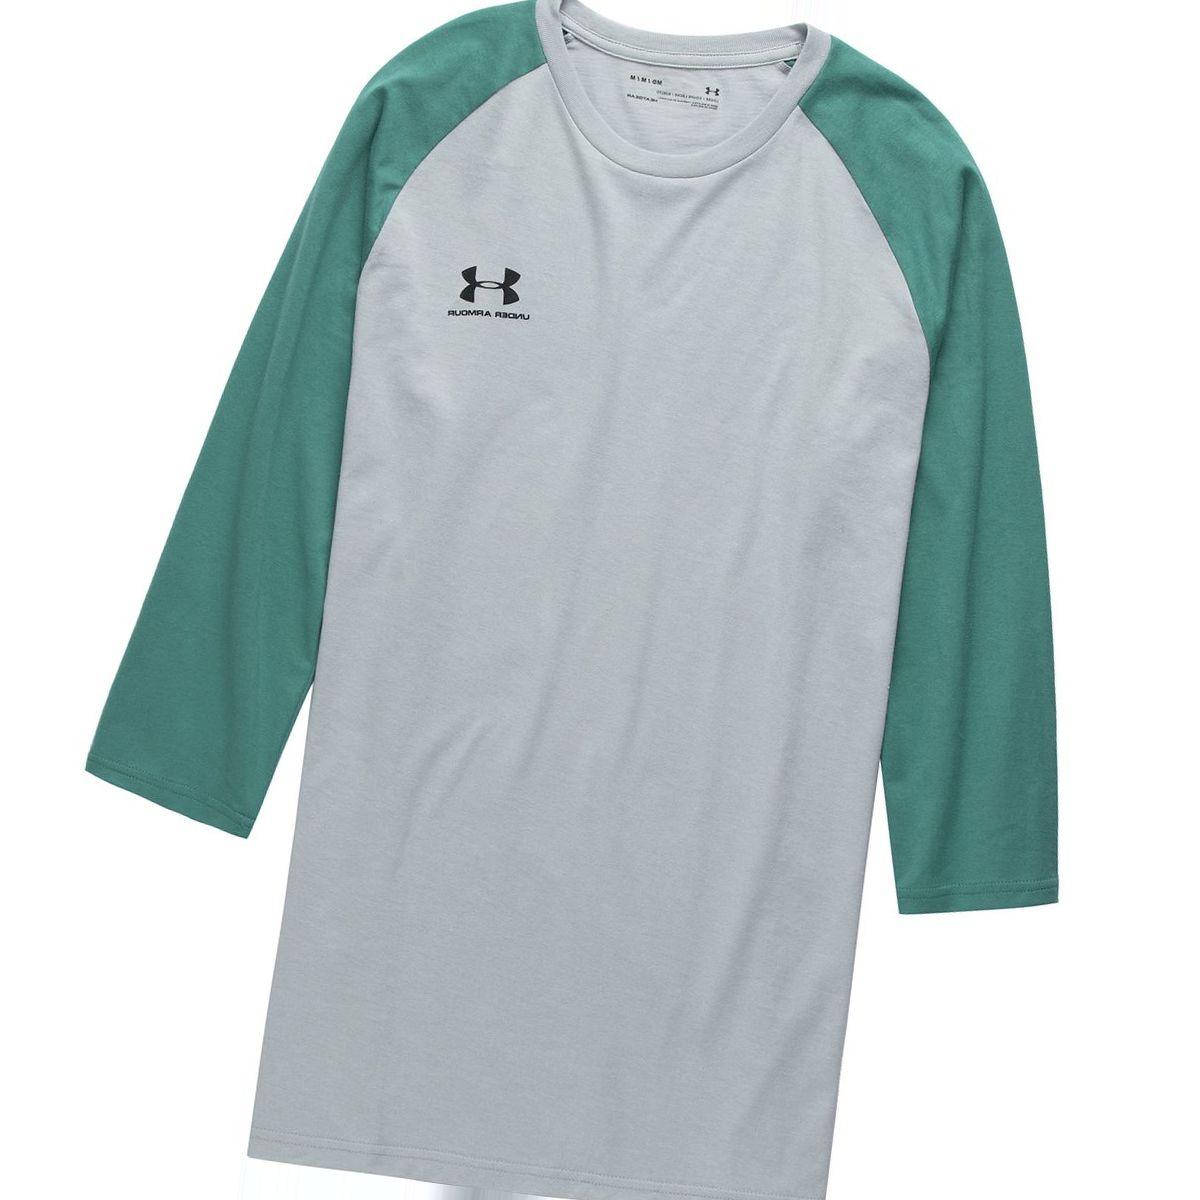 Under Armour Sportstyle Left Chest 3/4 T-Shirt - Men's